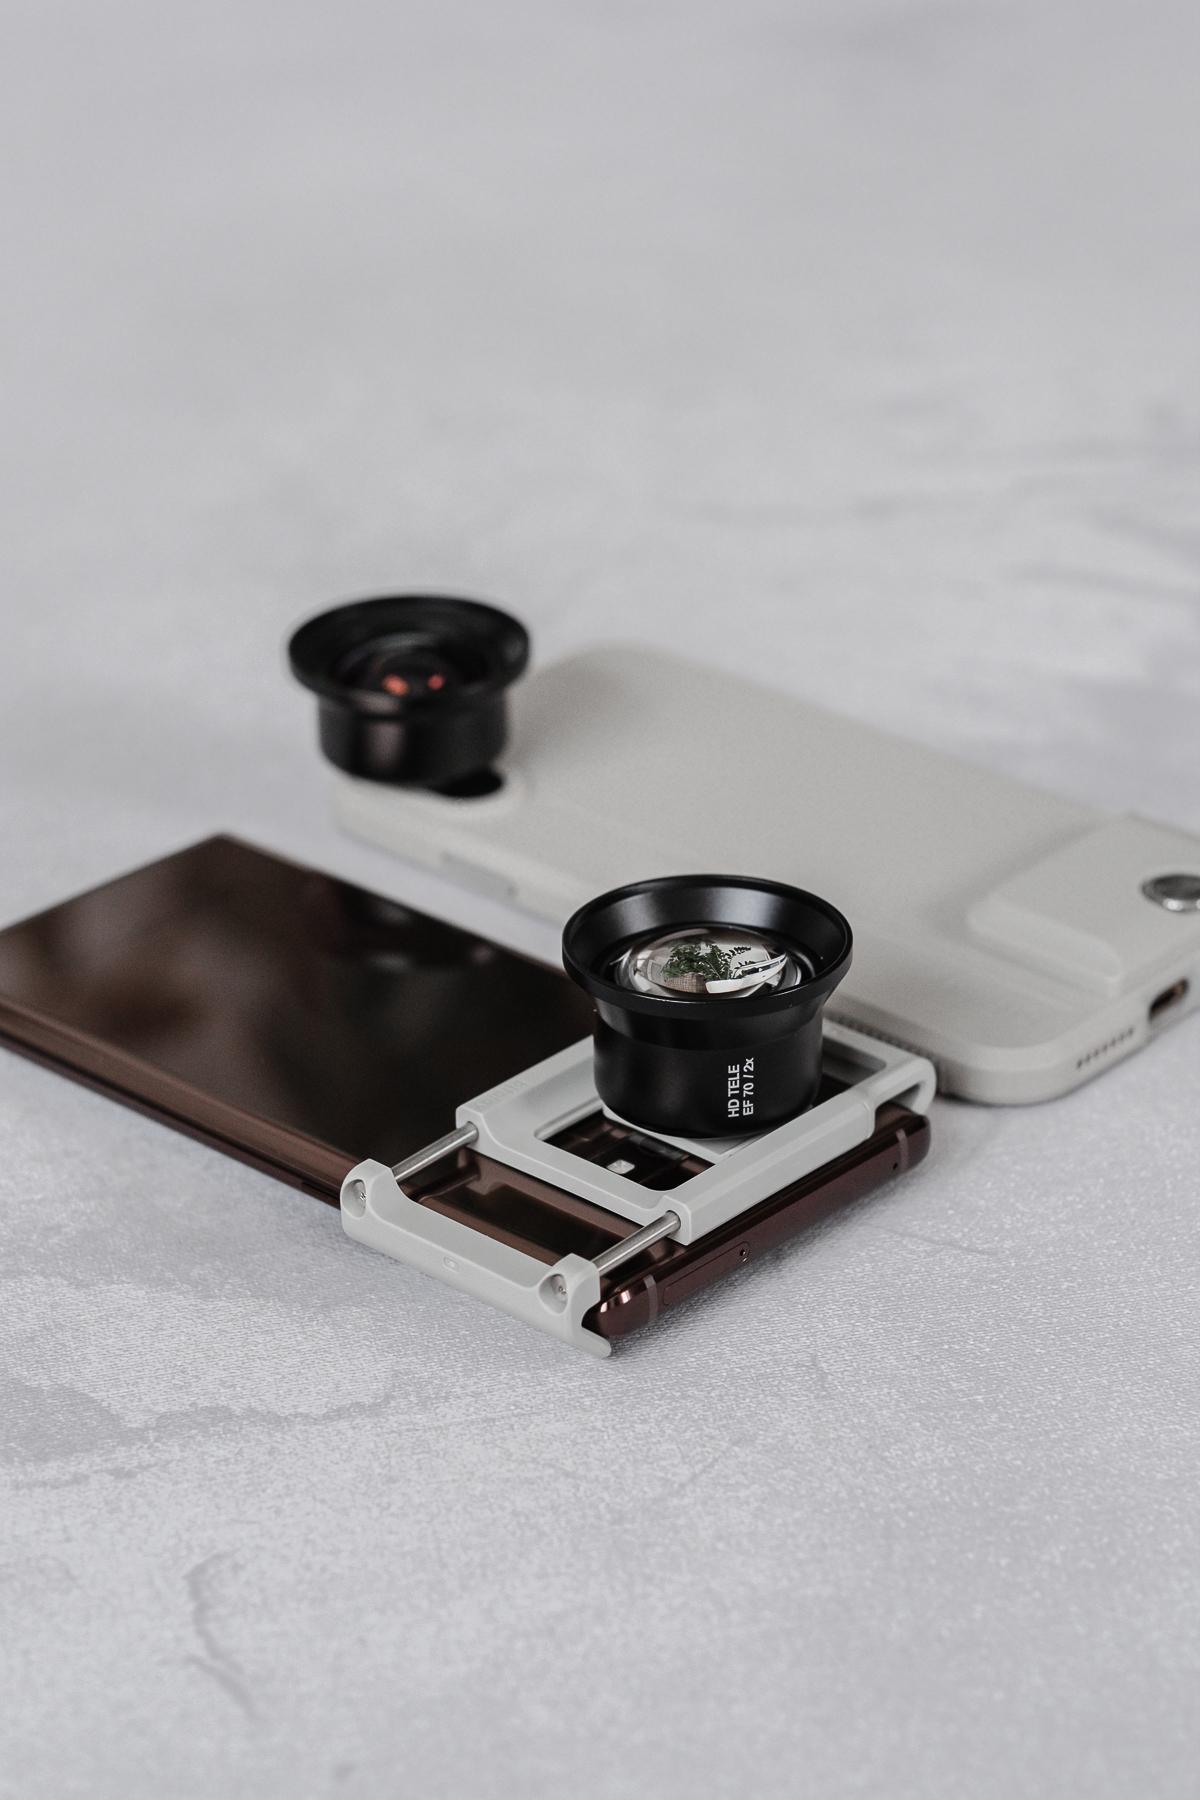 高階望遠鏡頭 HD Telephoto Lens